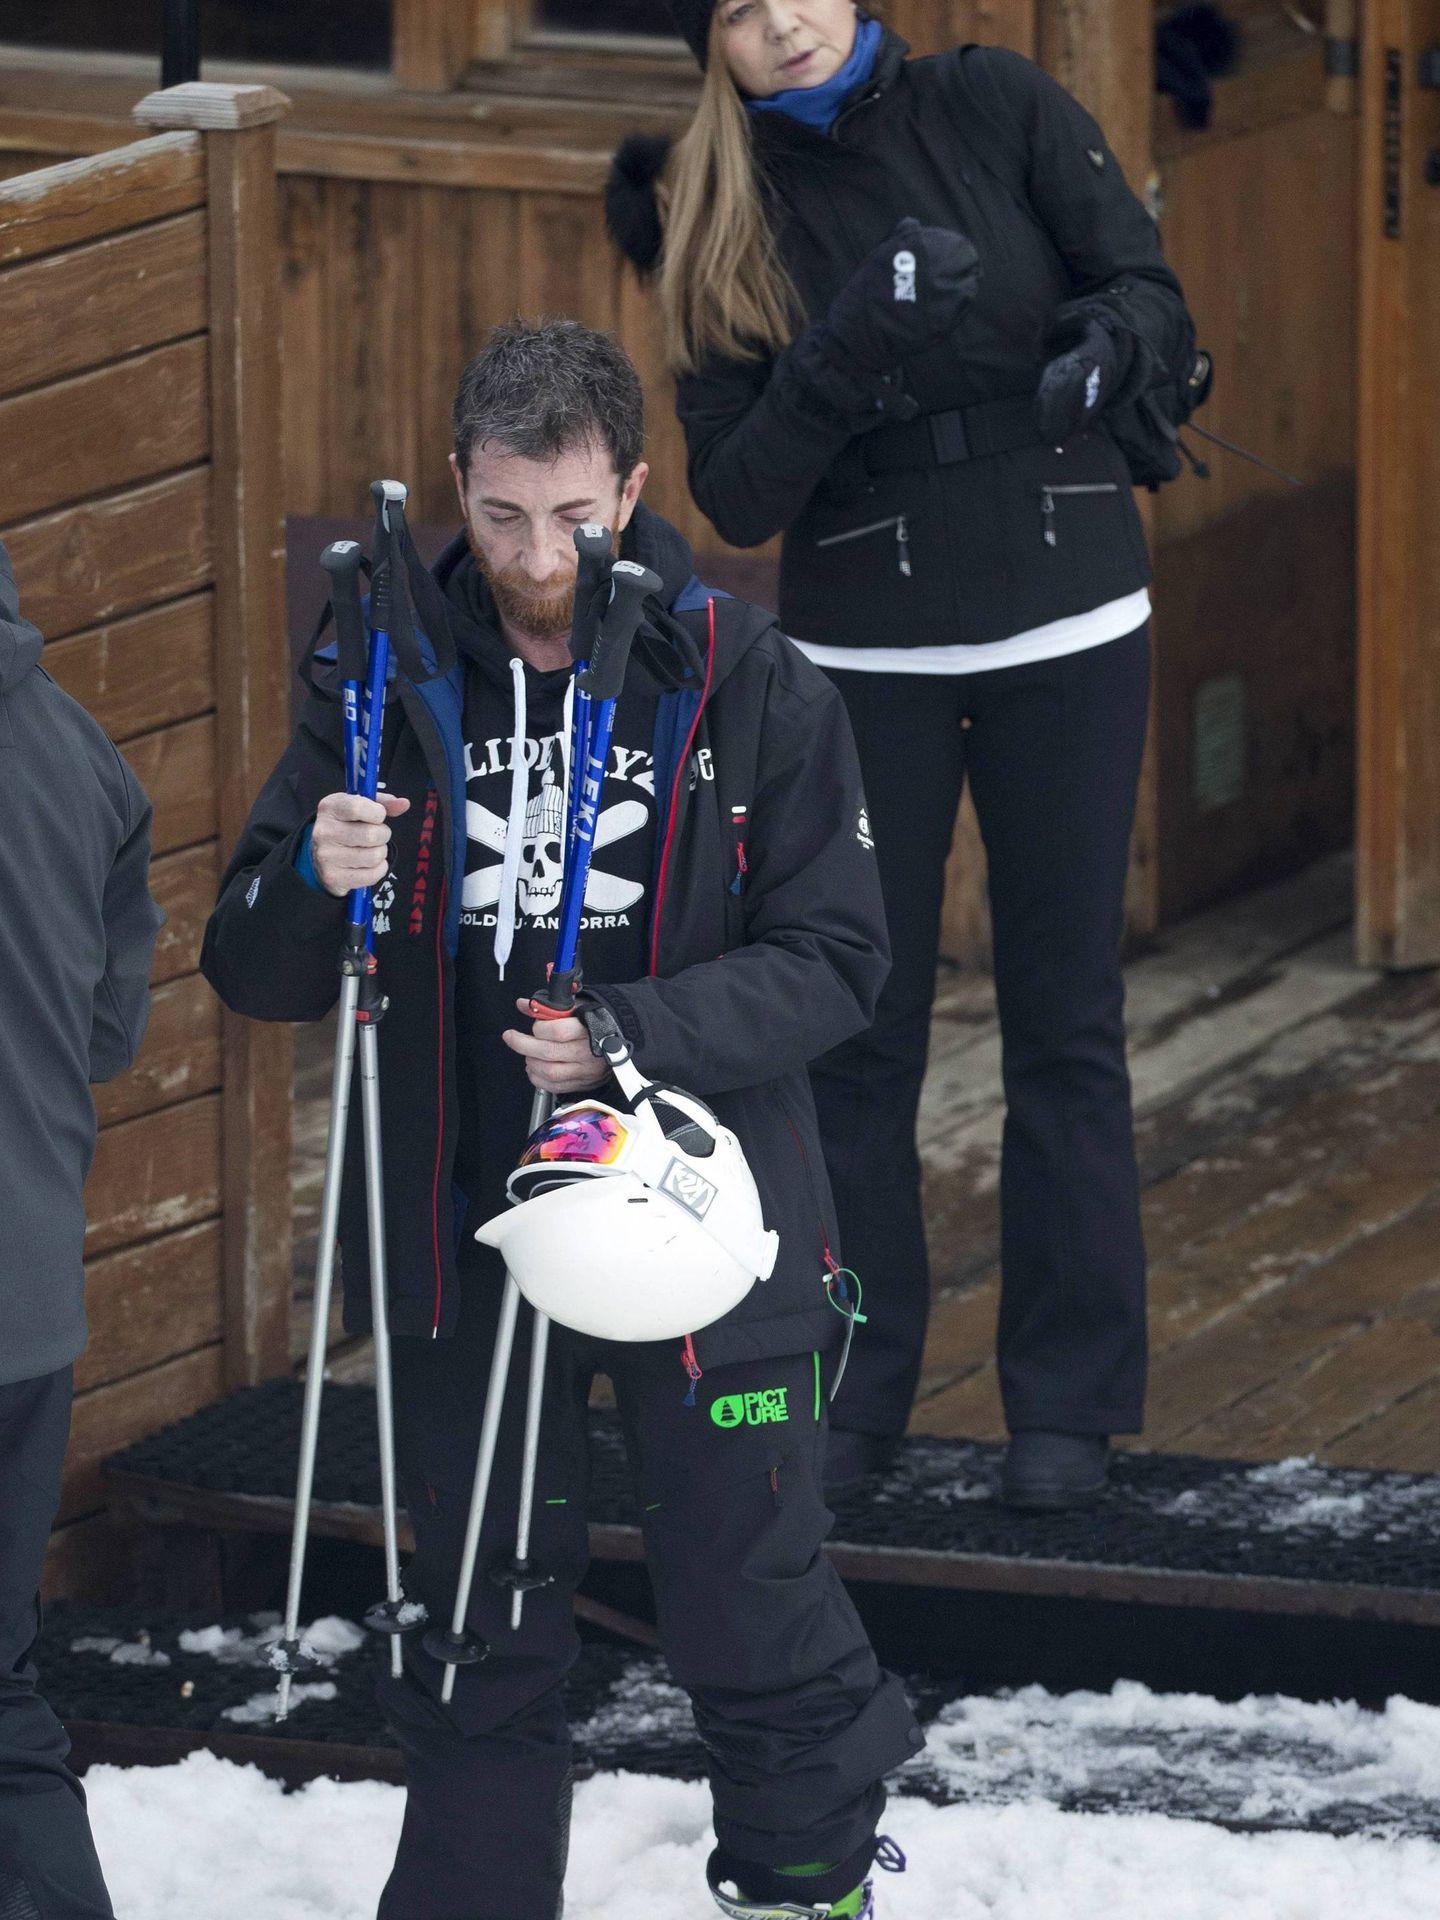 Pablo Motos y Laura Llopis, esquiando. (Cordon Press)